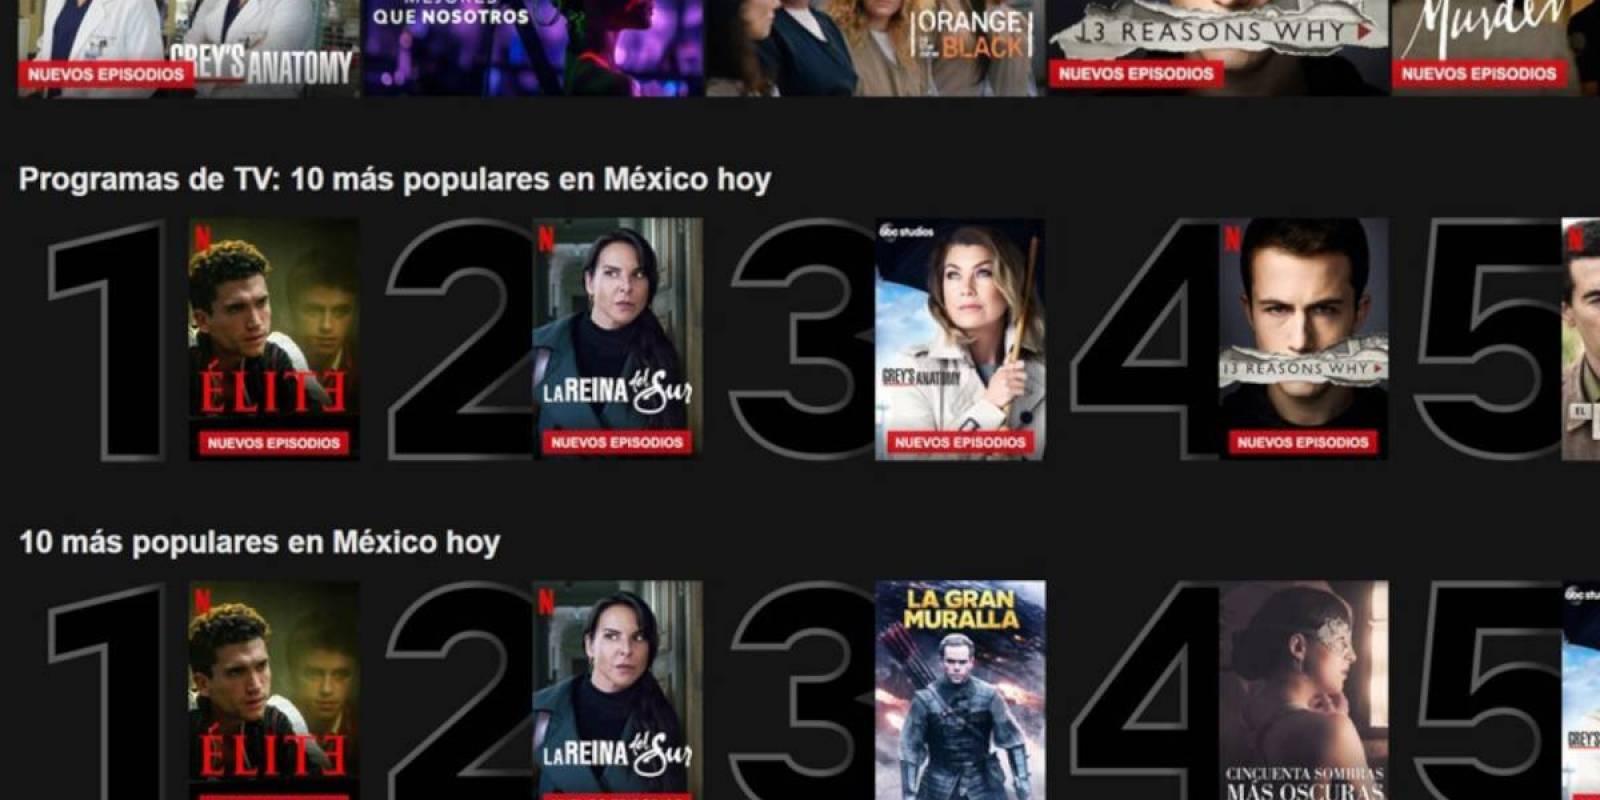 Netflix incorpora en plataforma Top 10 de títulos más populares diariamente